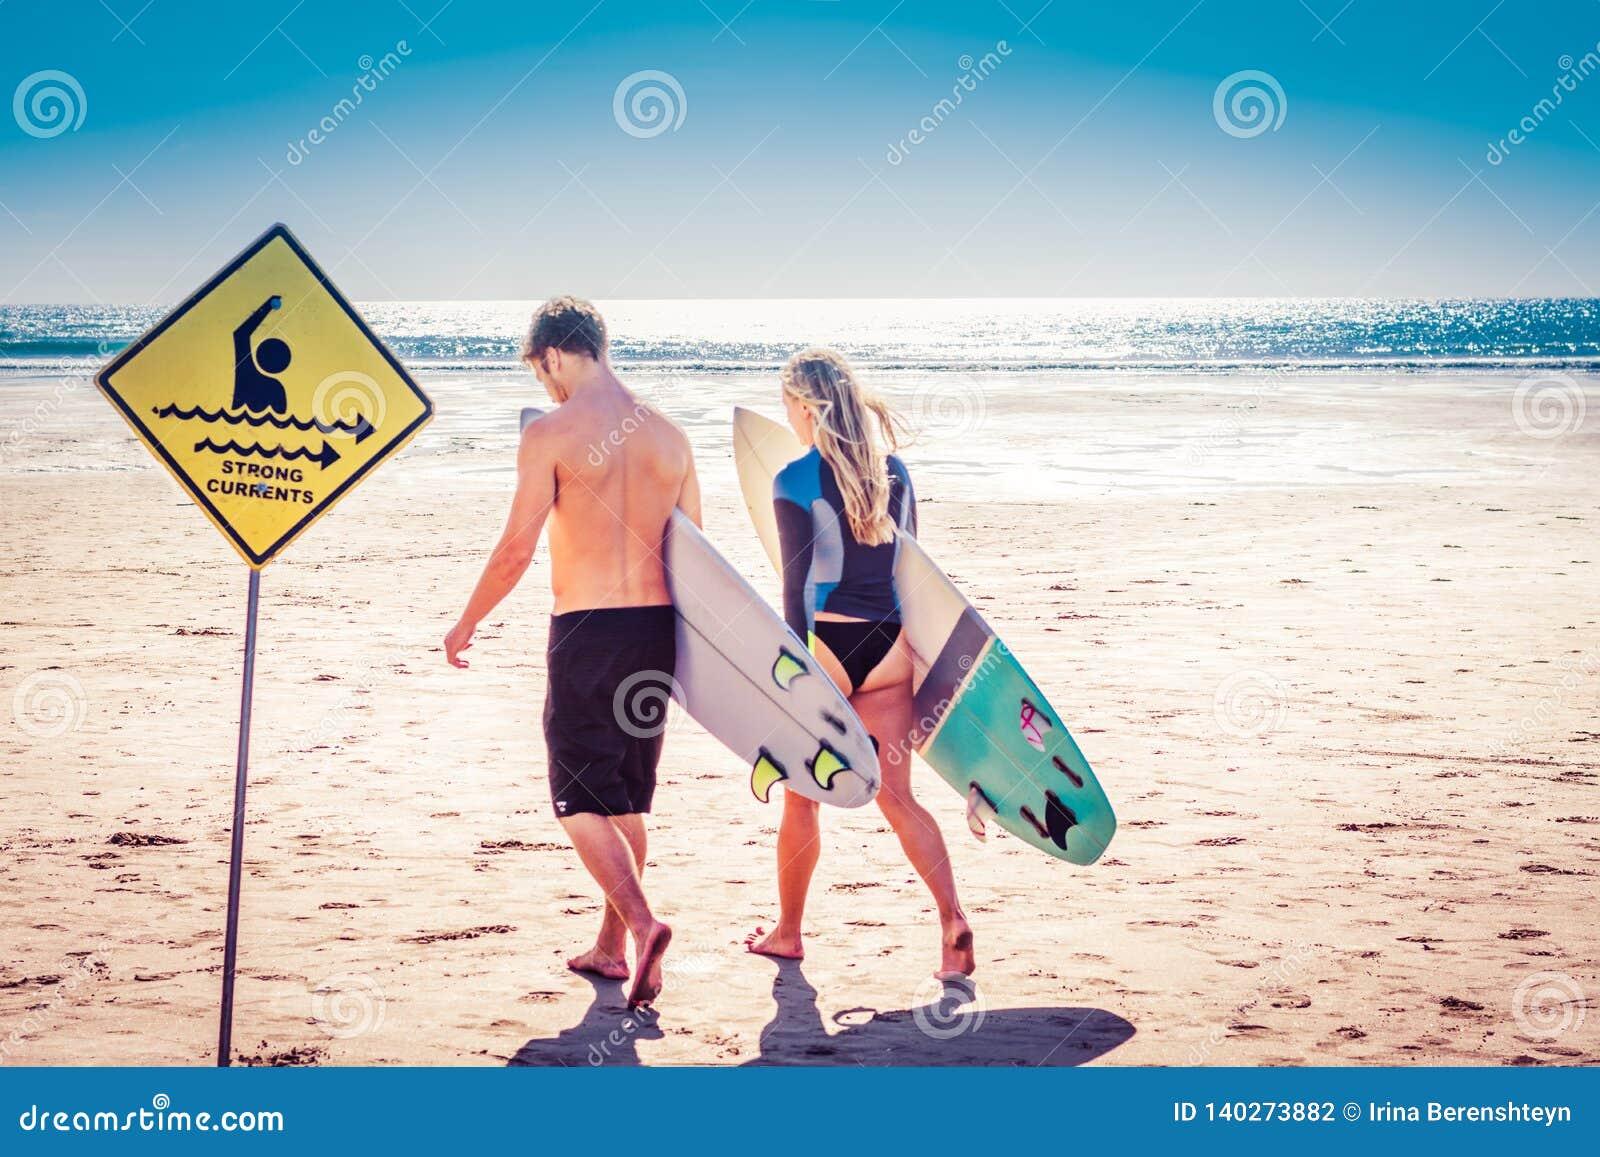 Pares jovenes de las personas que practica surf que caminan con allí las tablas hawaianas lejos del fotógrafo hacia el mar más al